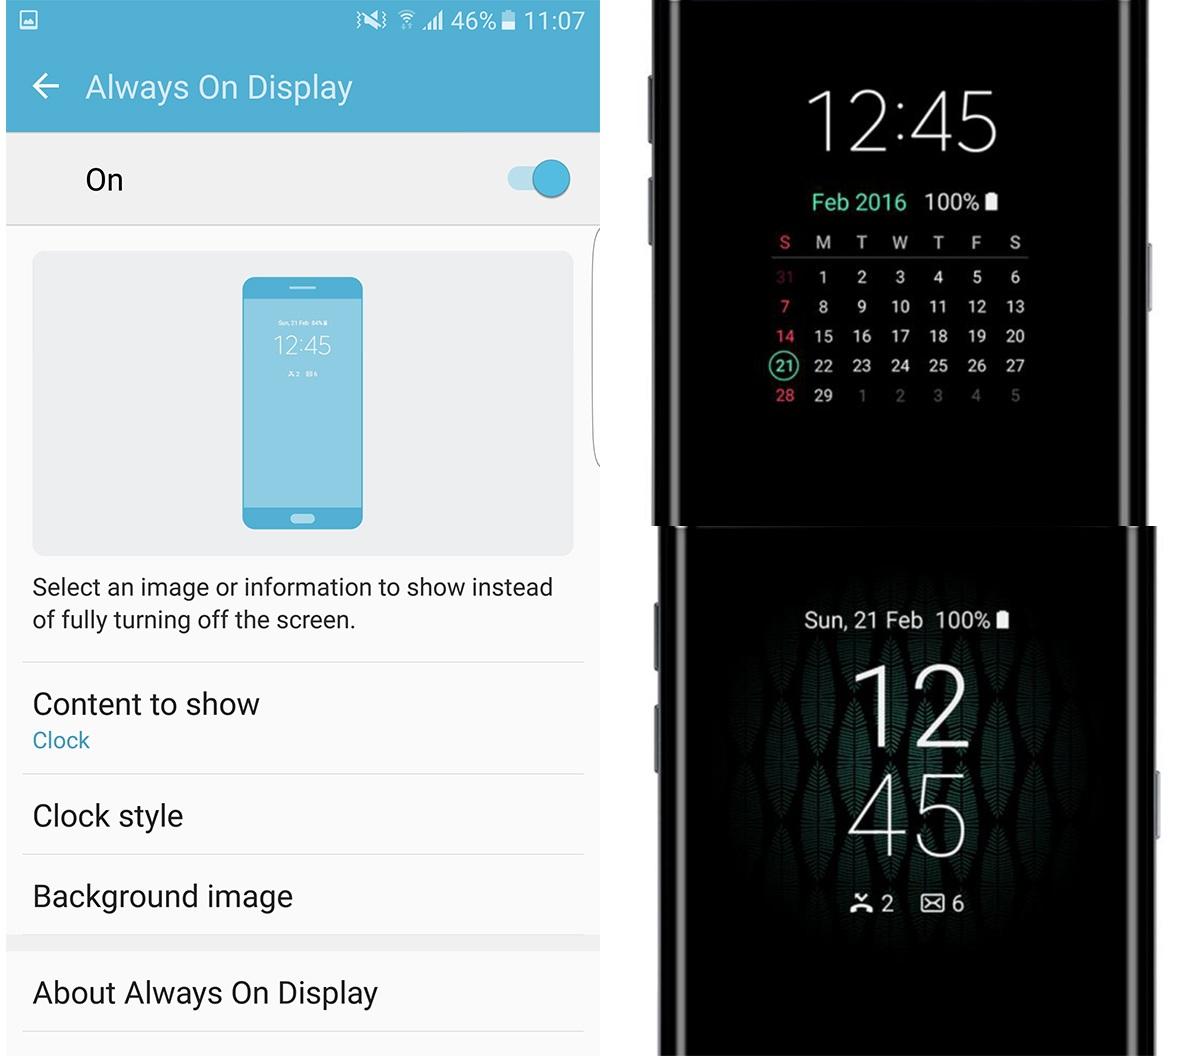 7 mẹo giúp tận dụng các tính năng của Galaxy S7/S7 edge